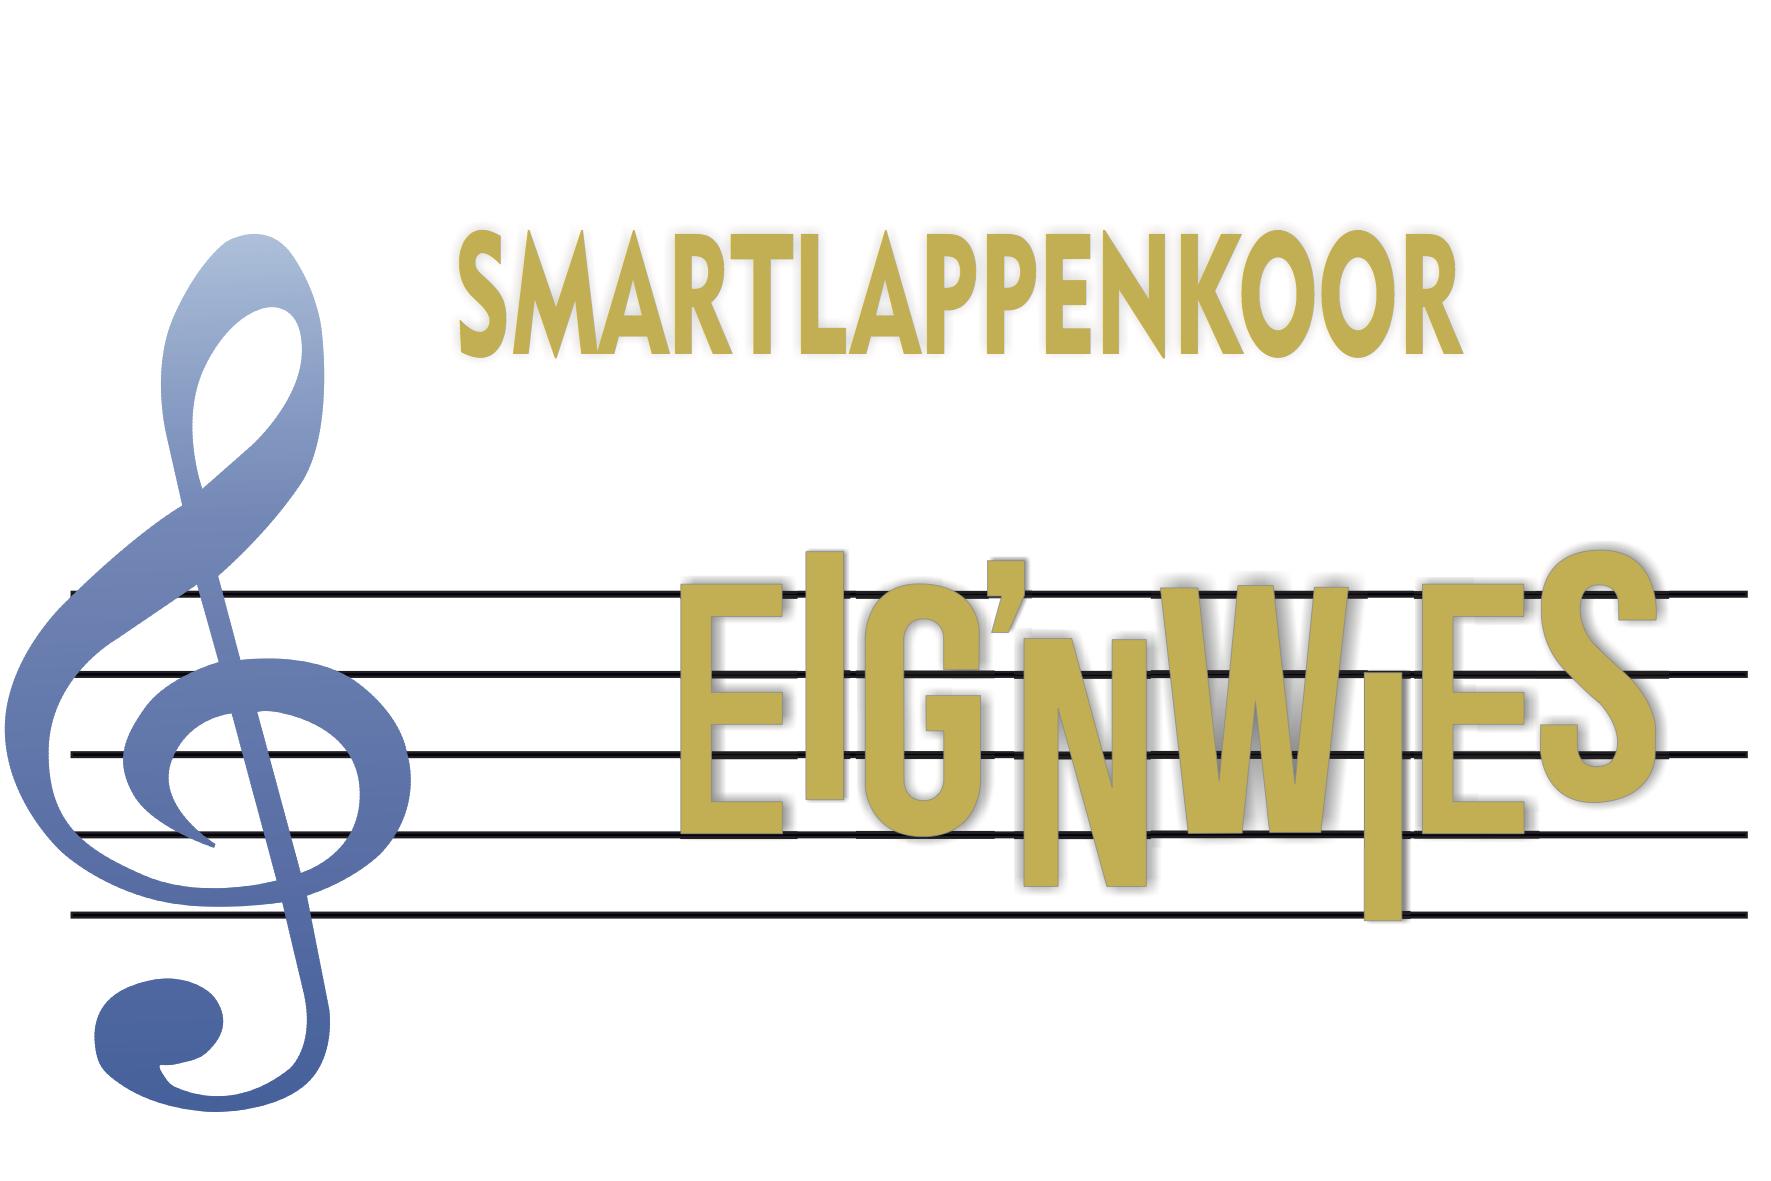 Smartlappenkoor Eignwies Hengelo